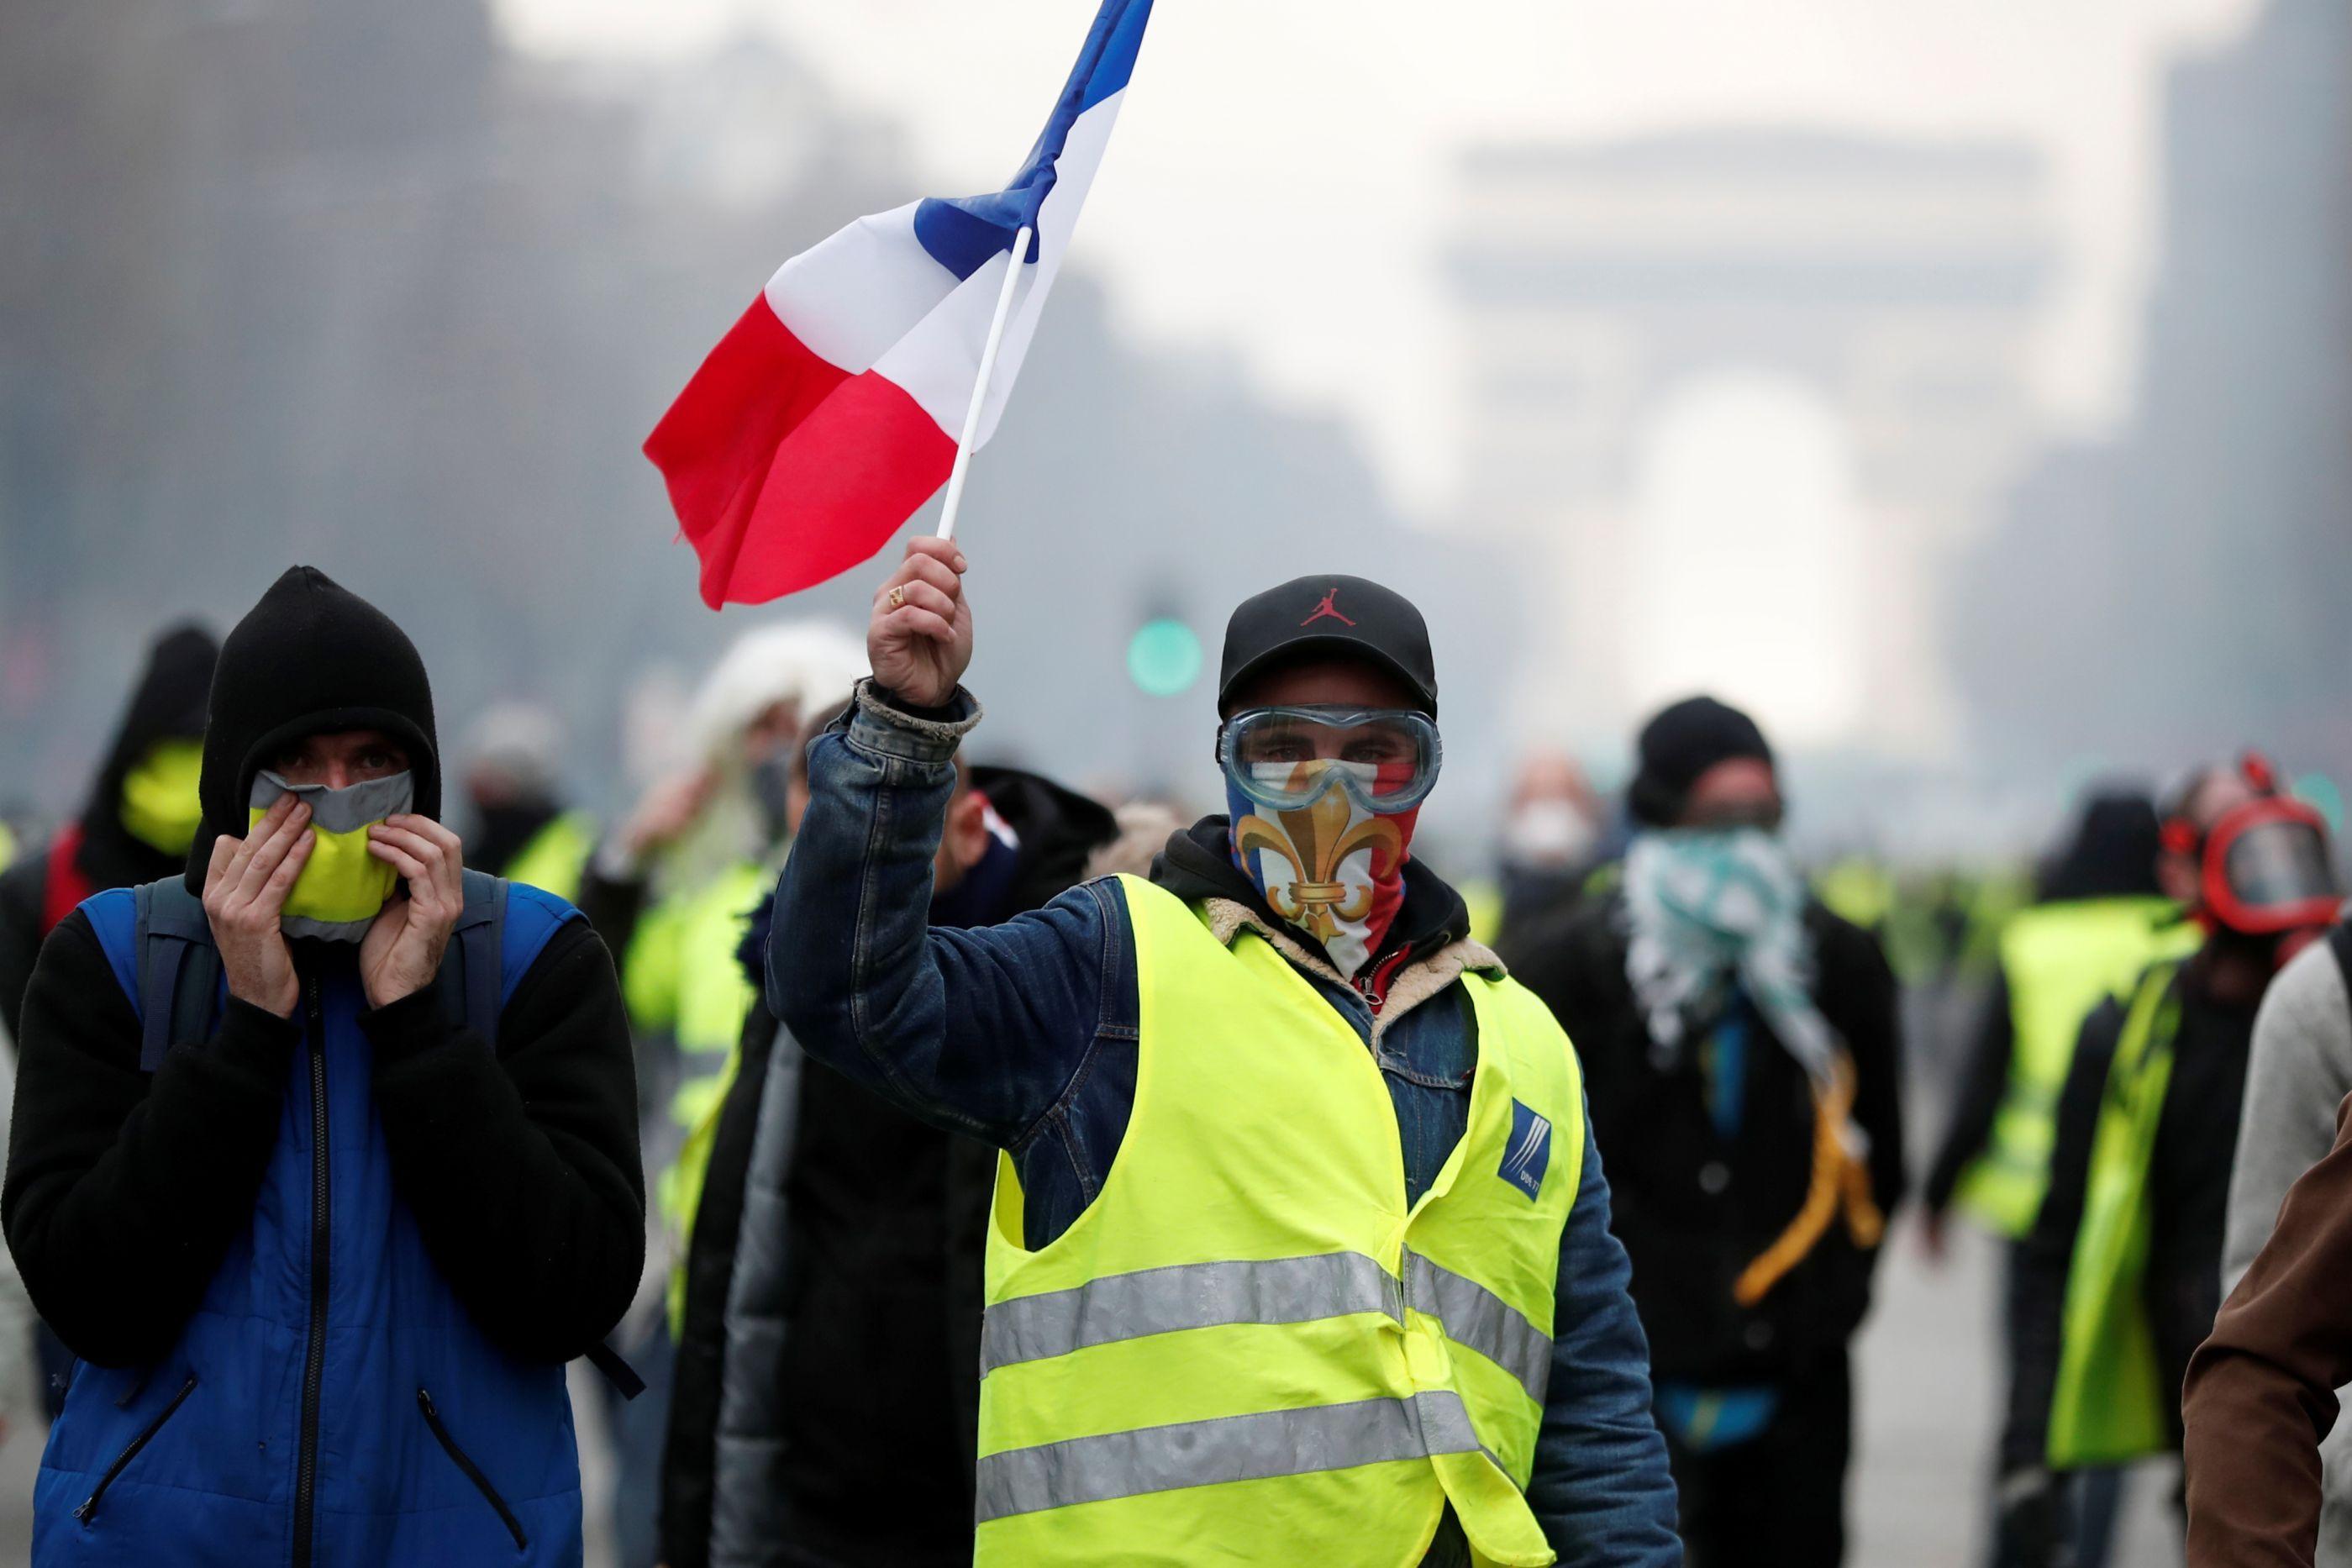 França recua e vai suspender aumento de combustível, diz imprensa local